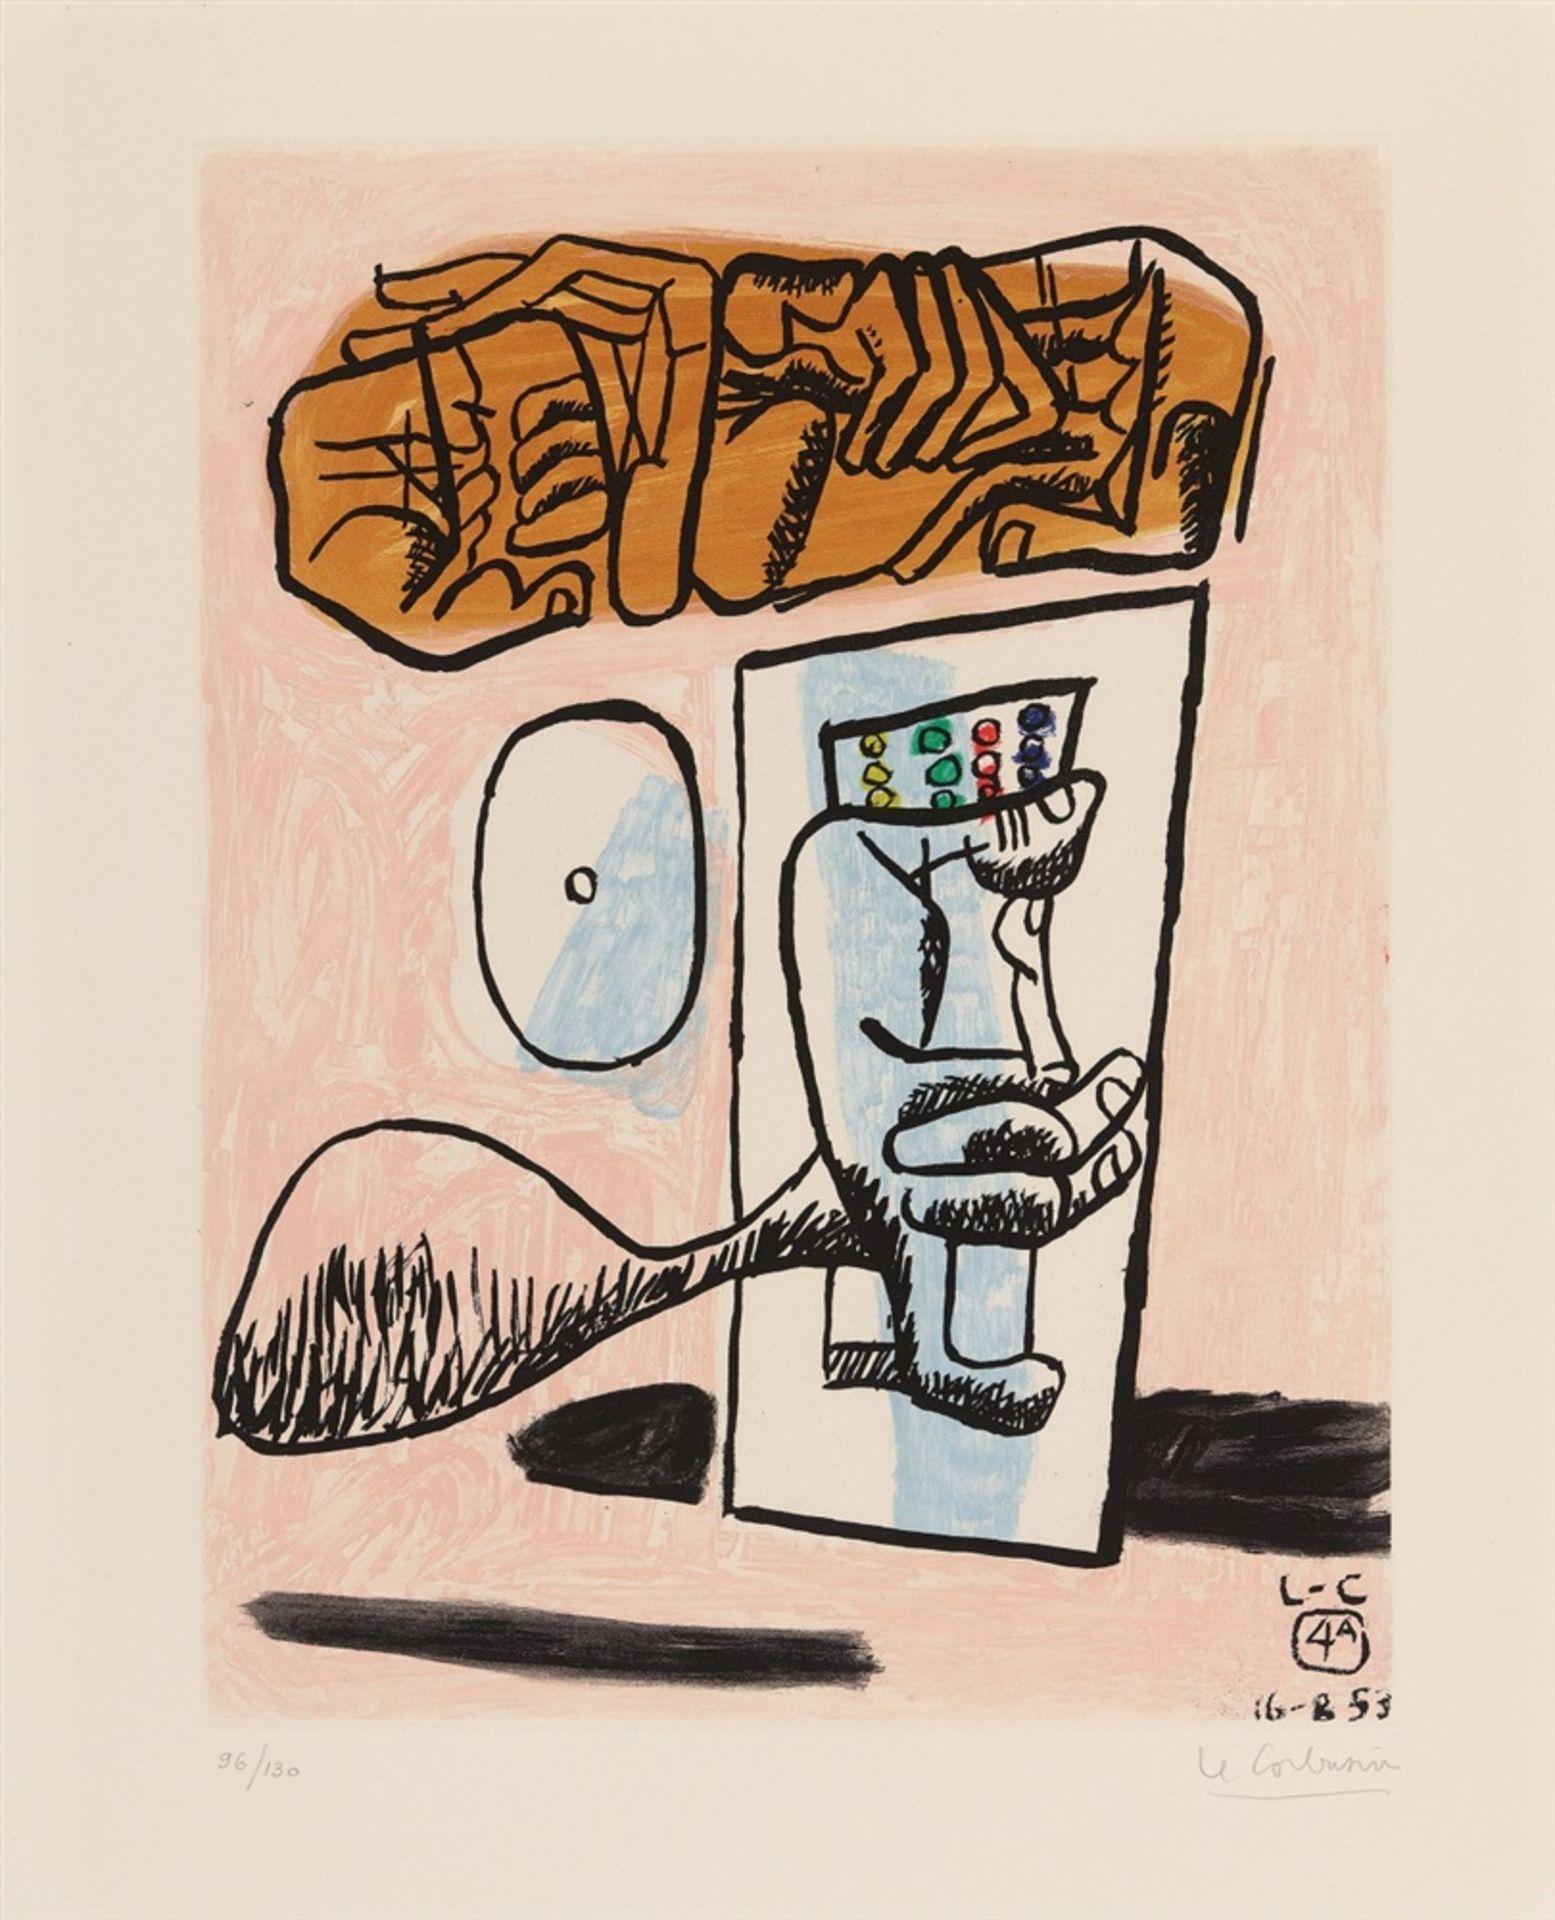 Le Corbusier (Charles-Édouard Jeanneret)Unité - Bild 23 aus 27